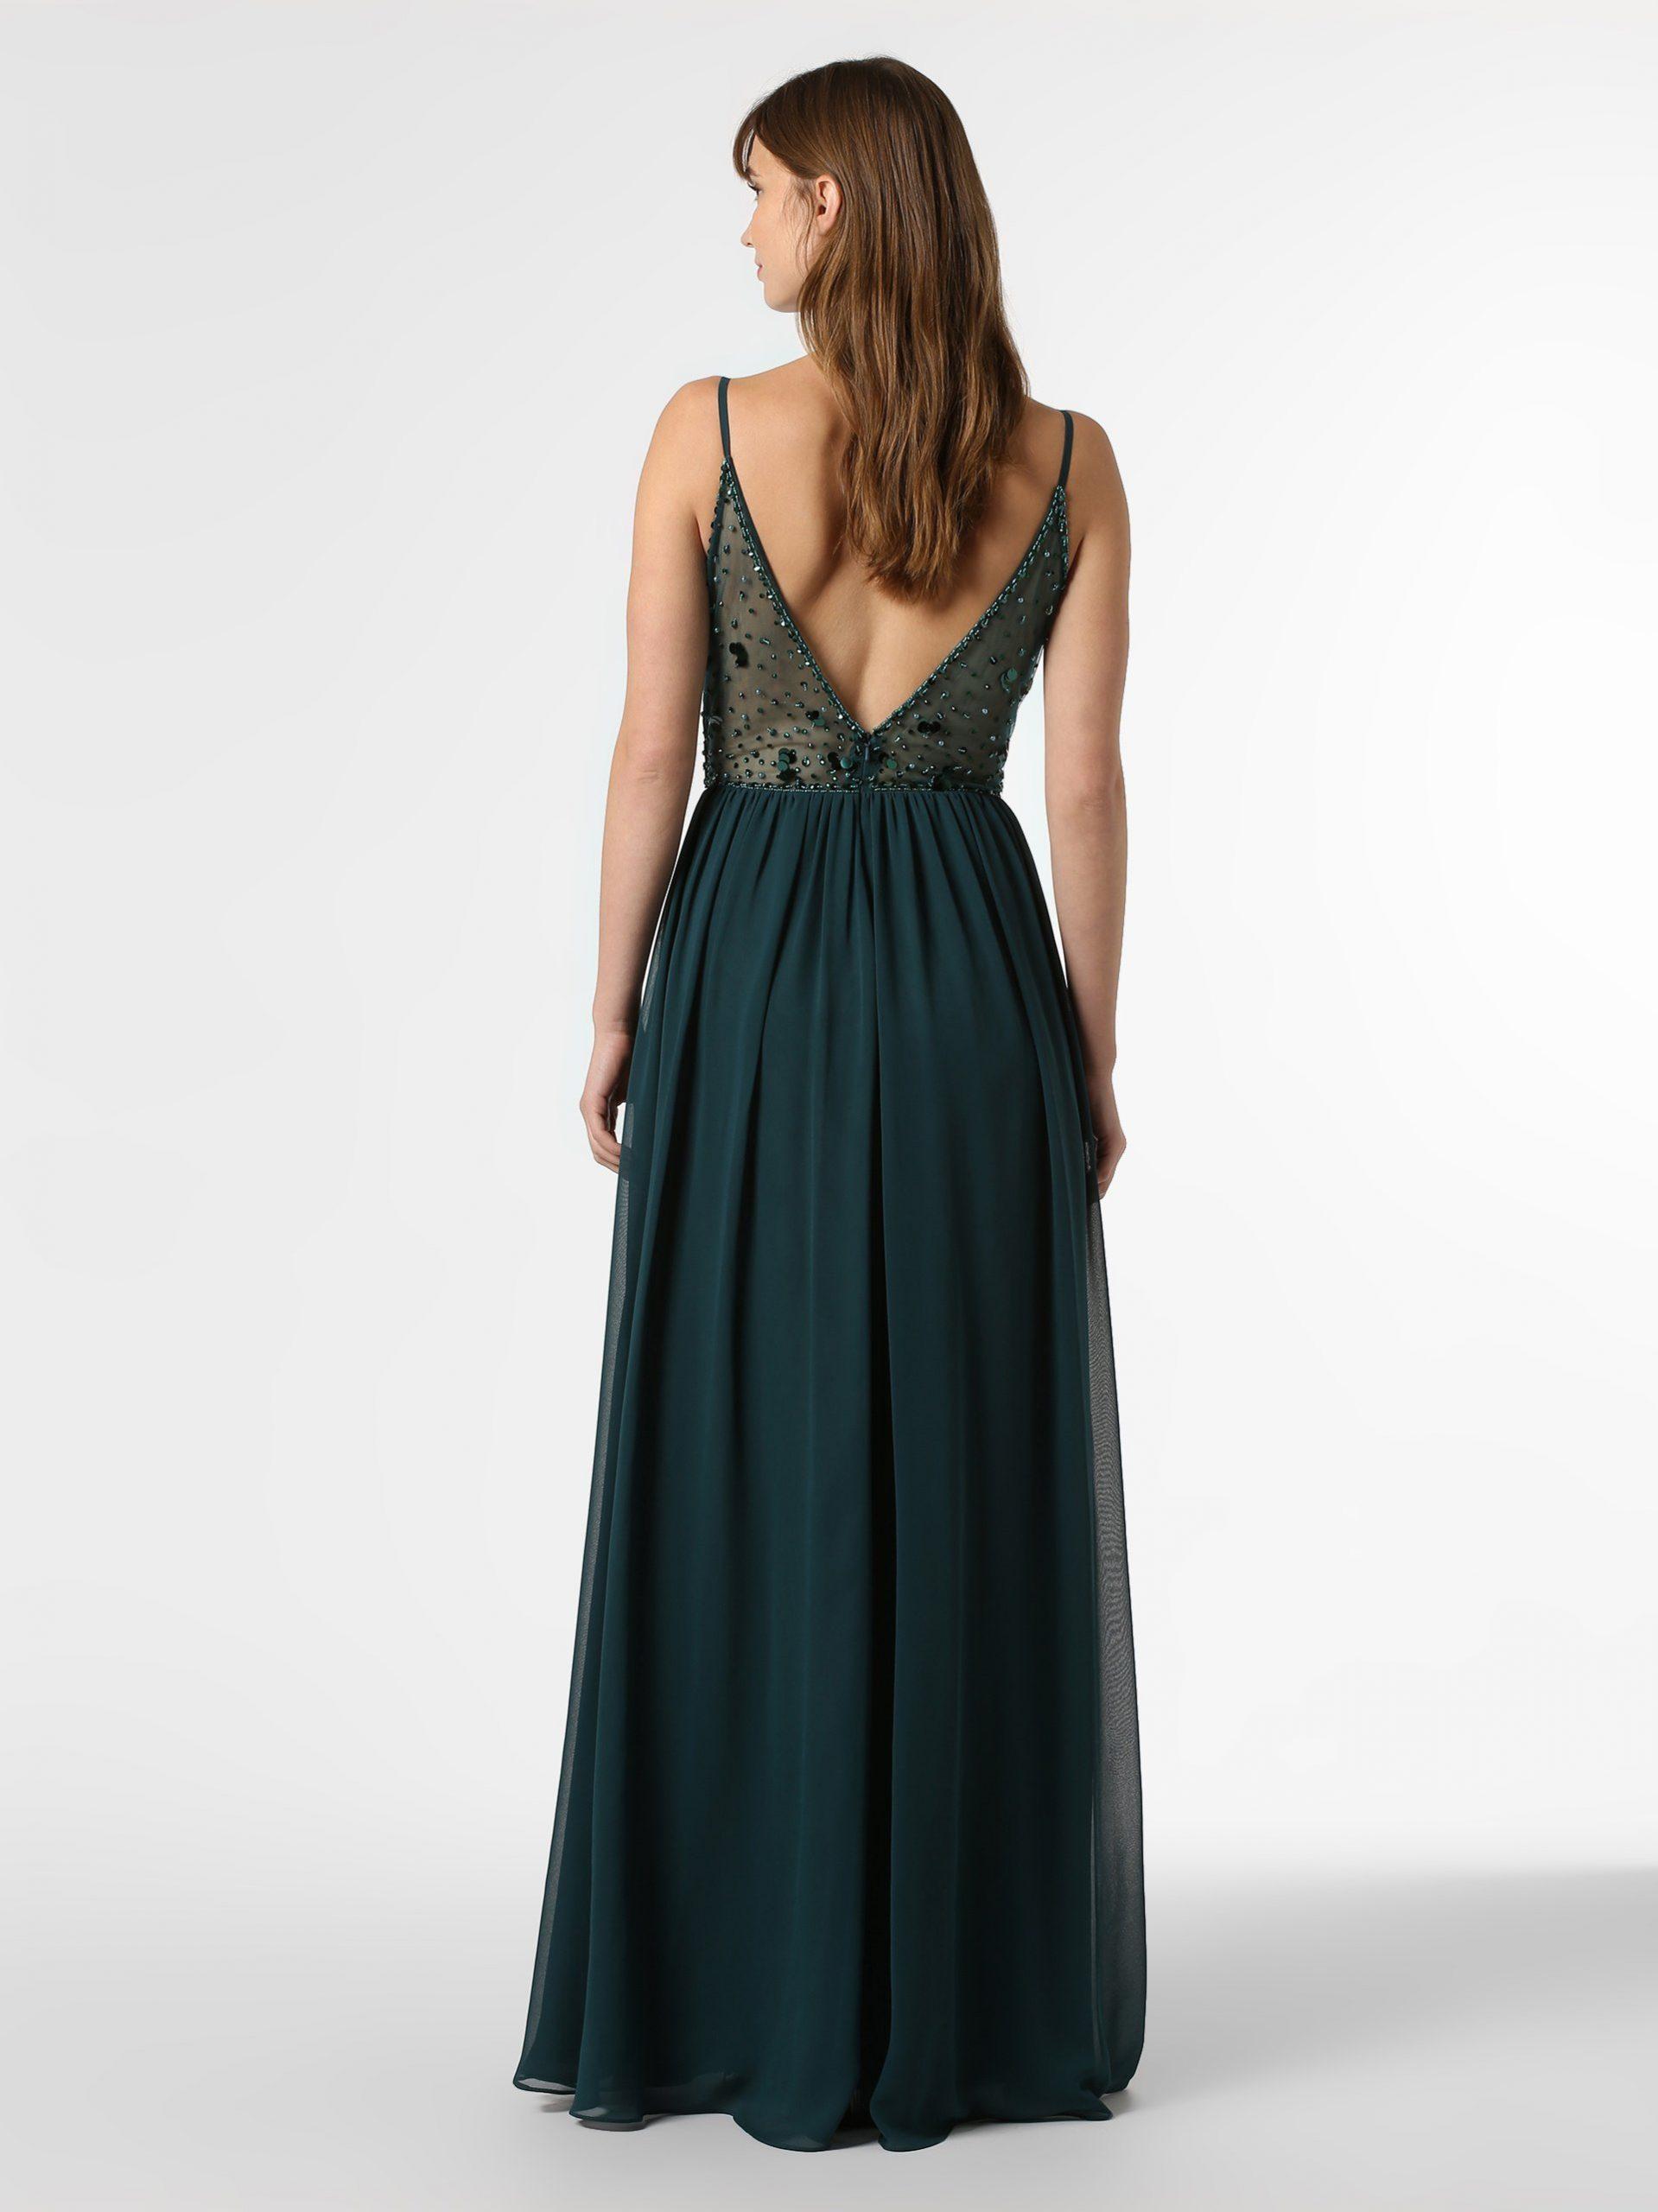 Mascara Damen Abendkleid Online Kaufen  Peekund